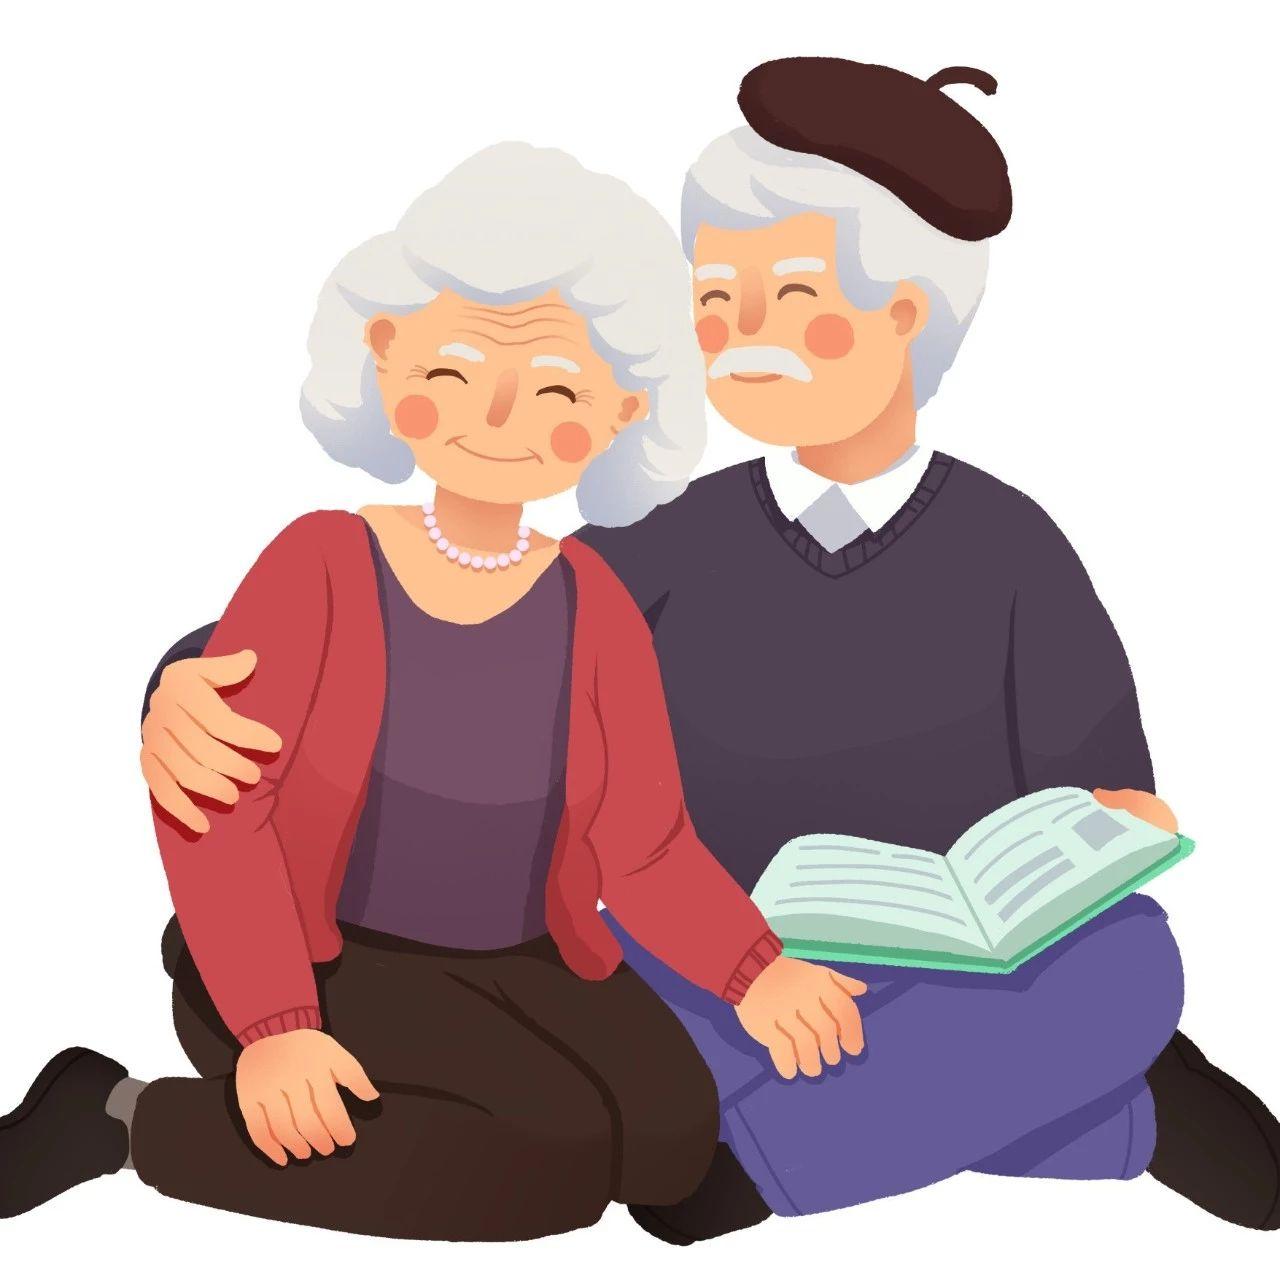 万州人速看!到了退休年龄,养老保险没缴满15年怎么办?